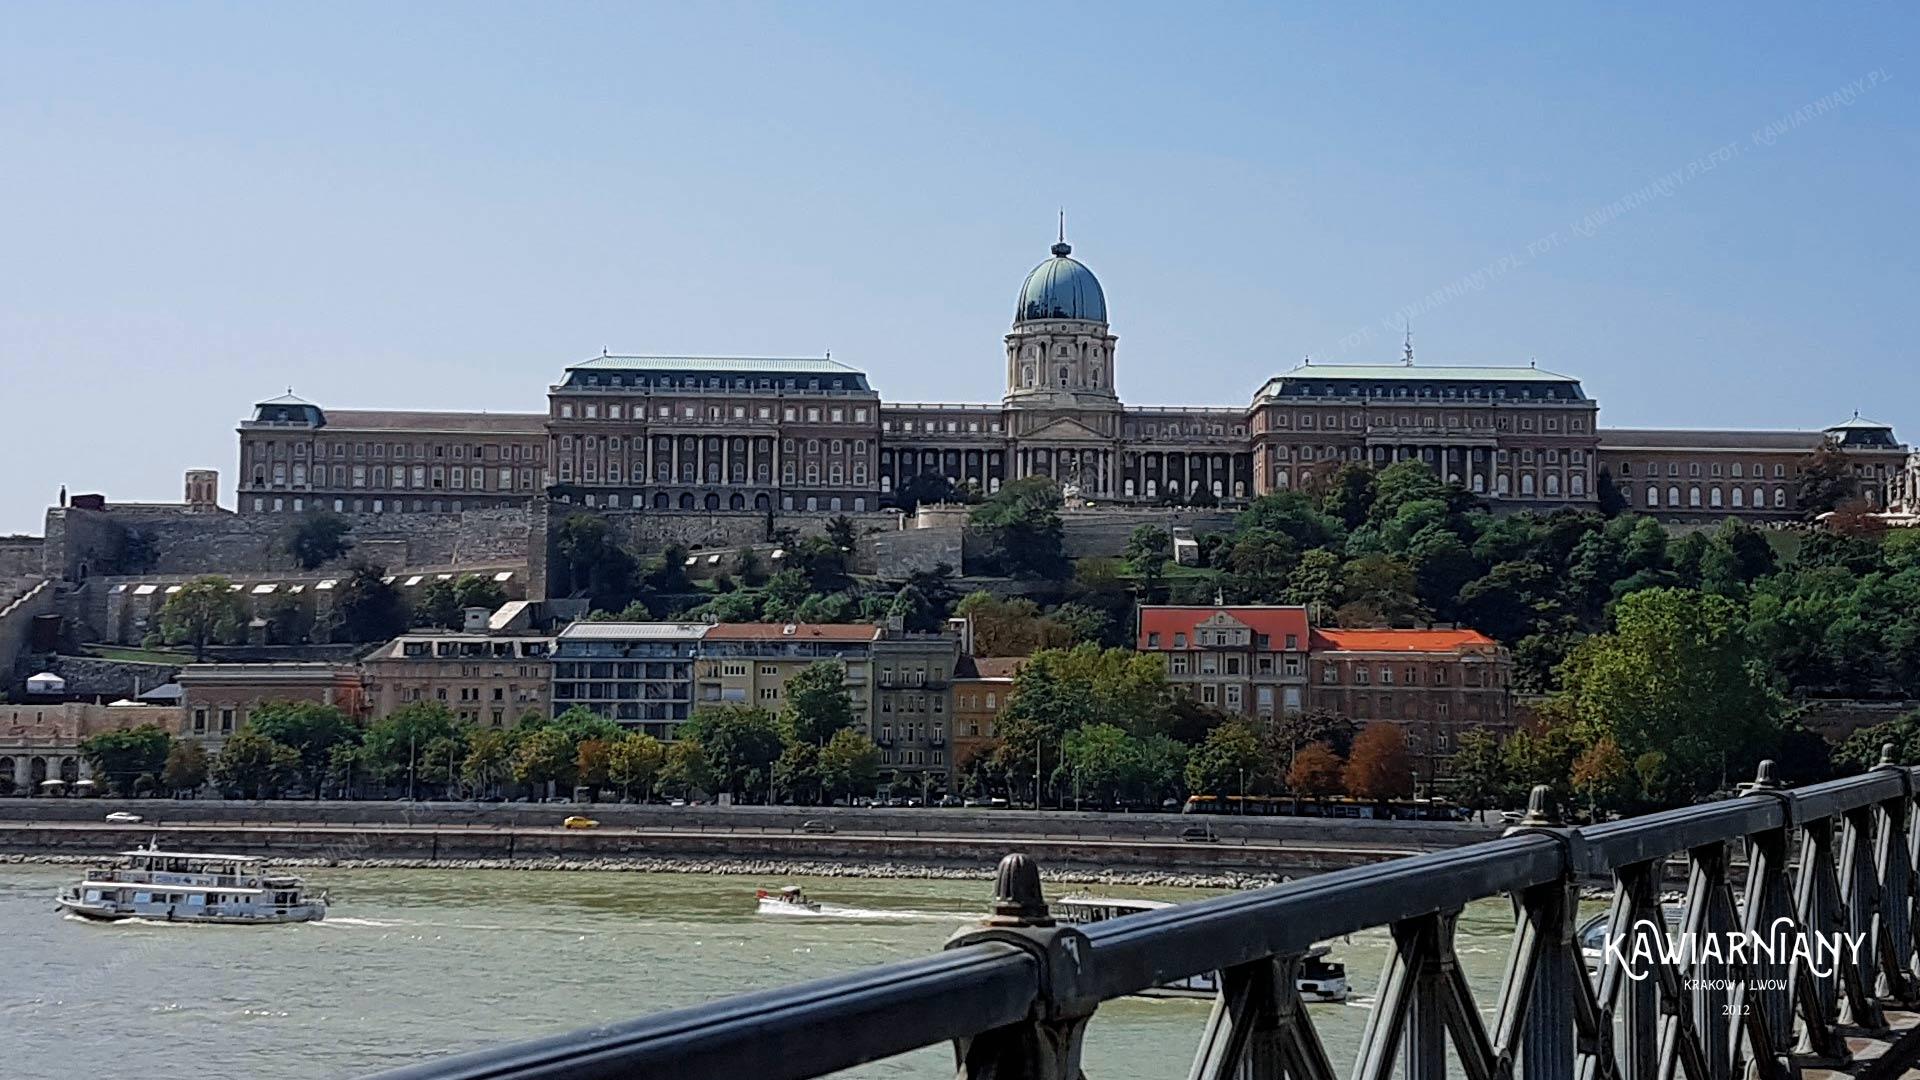 Największe zamki na świecie. 10 największych zamków. Czy Malbork jest największy?